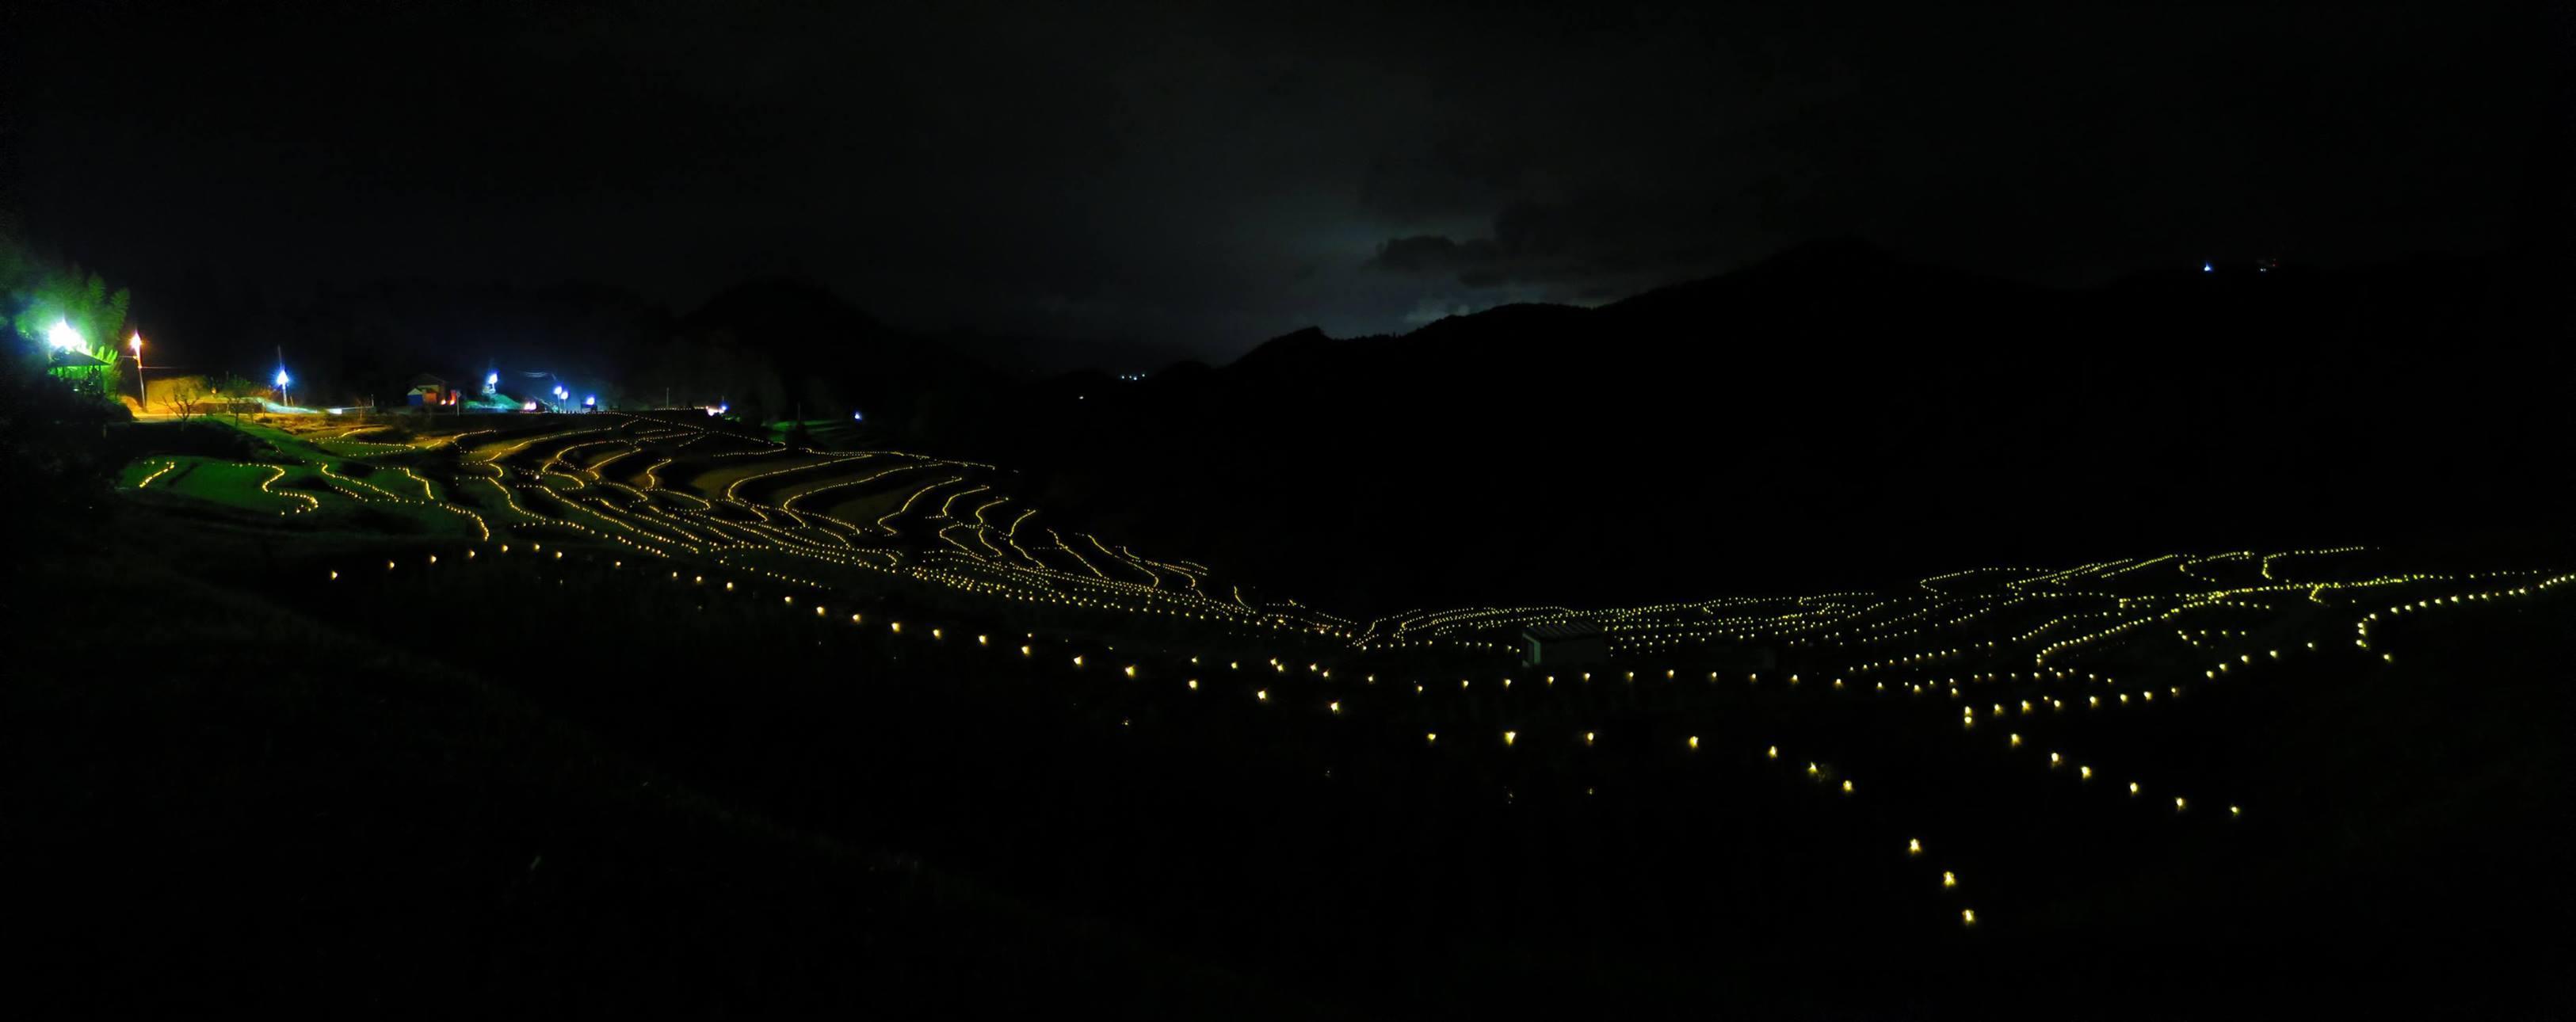 2016.10.29夜の大山千枚田(鴨川市)_e0321032_1513121.jpg